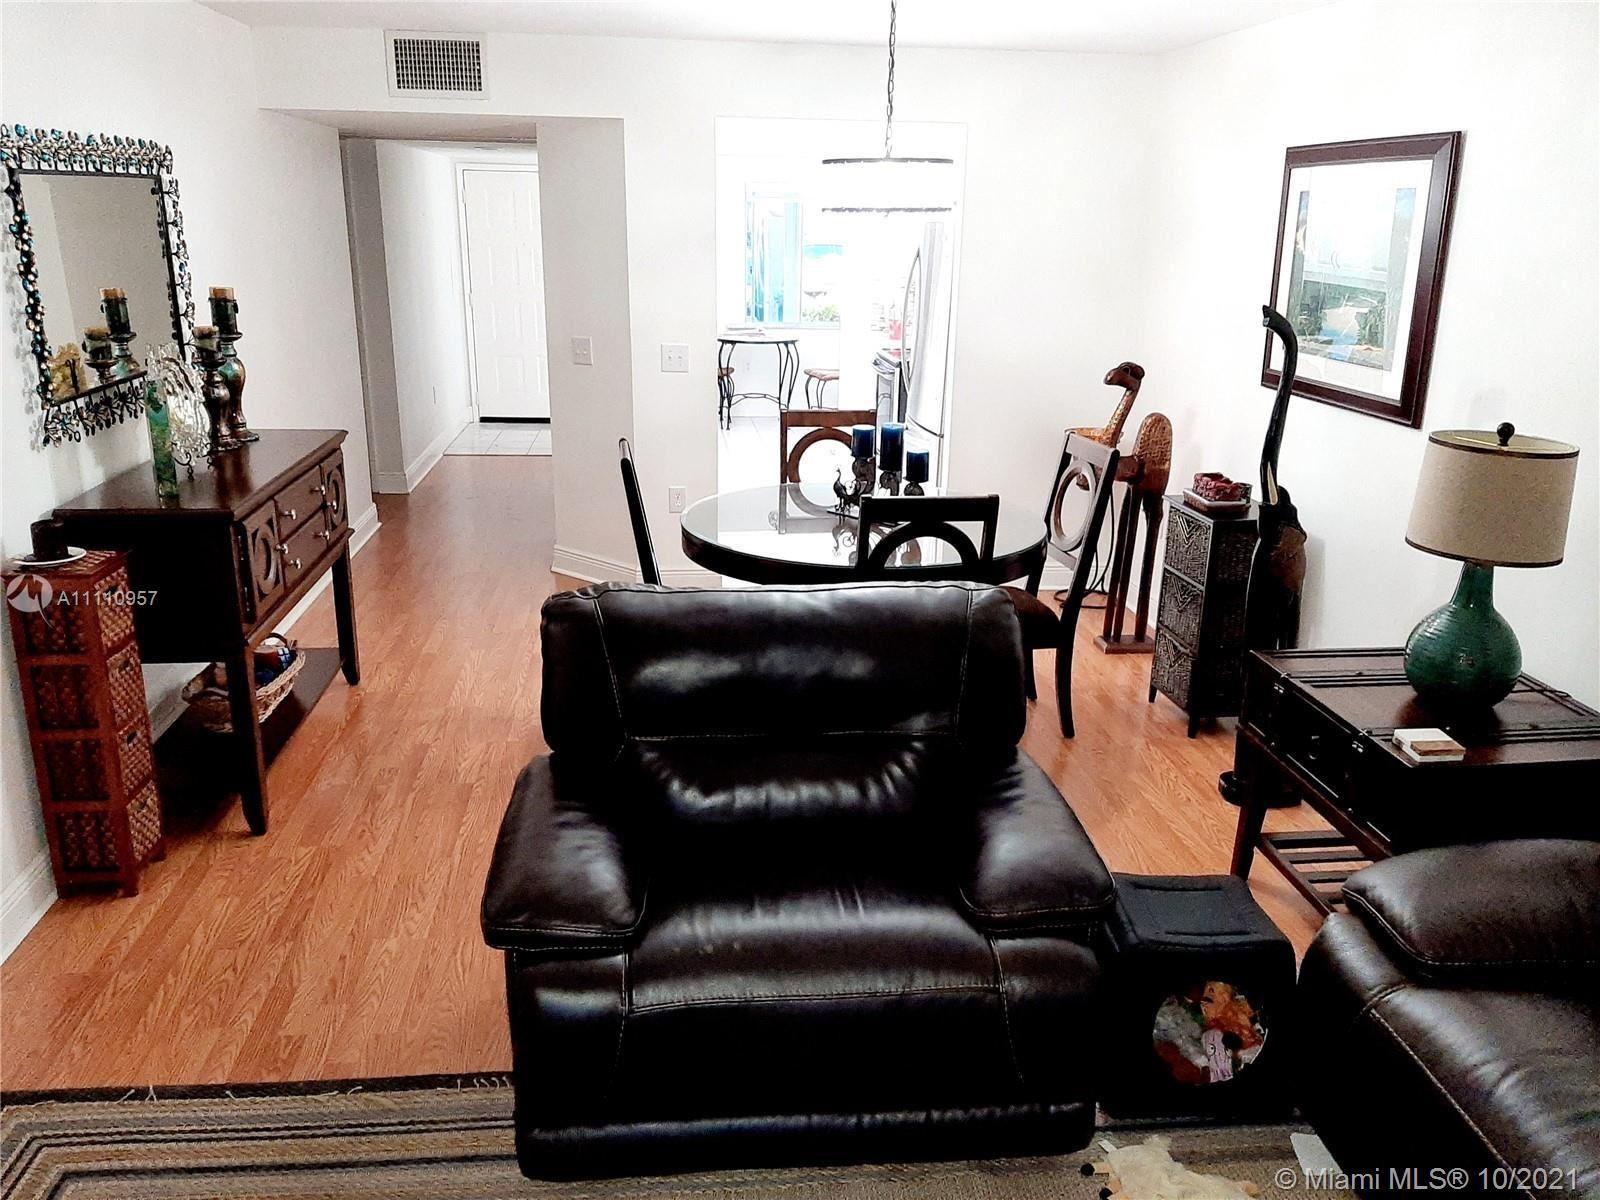 801 SW 138th Ave #109E, Pembroke Pines, FL 33027 - #: A11110957